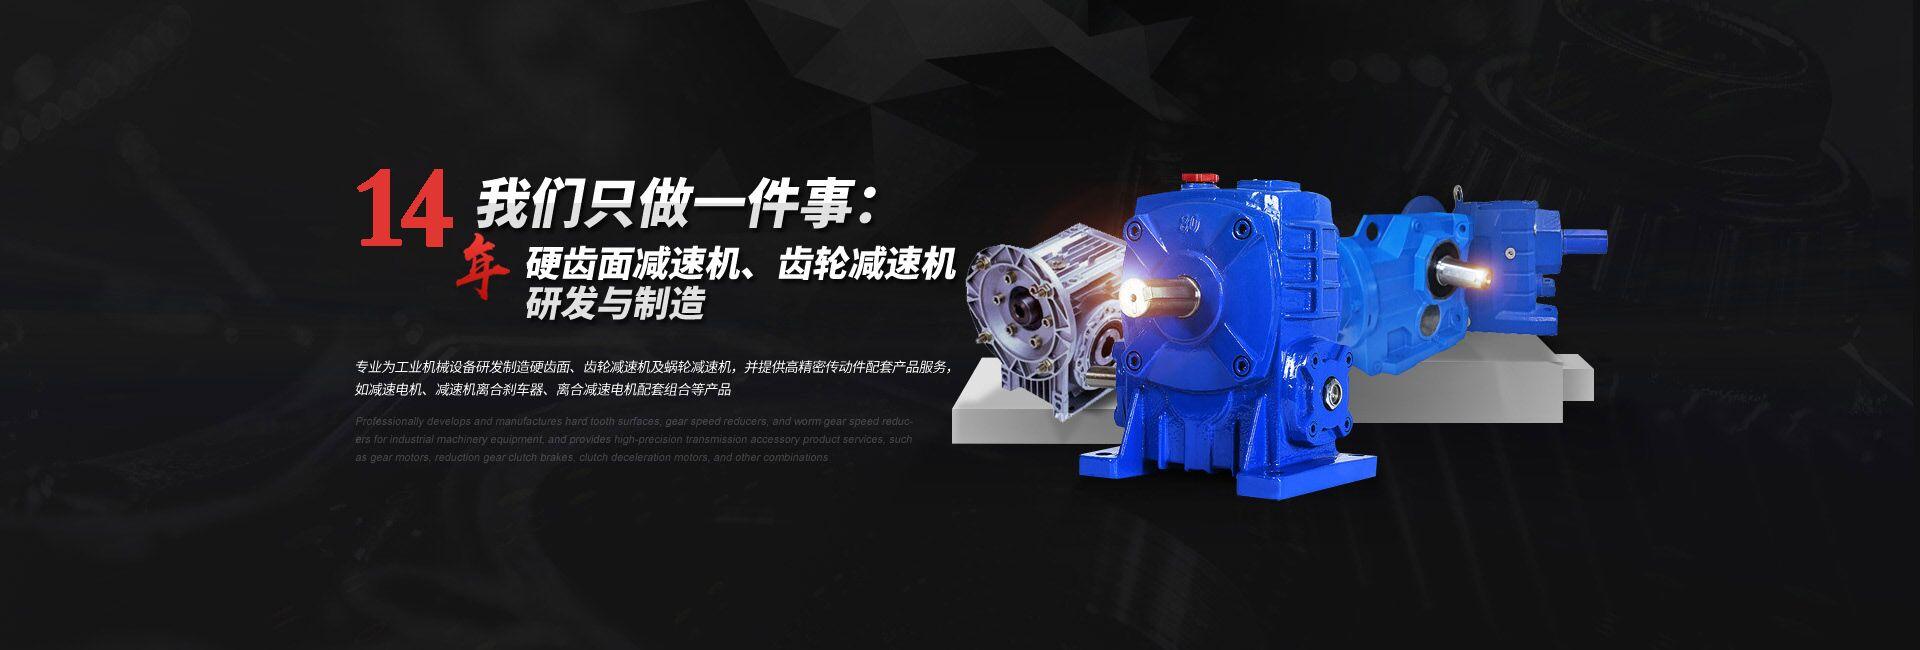 减速机生产厂家-您值得信赖!